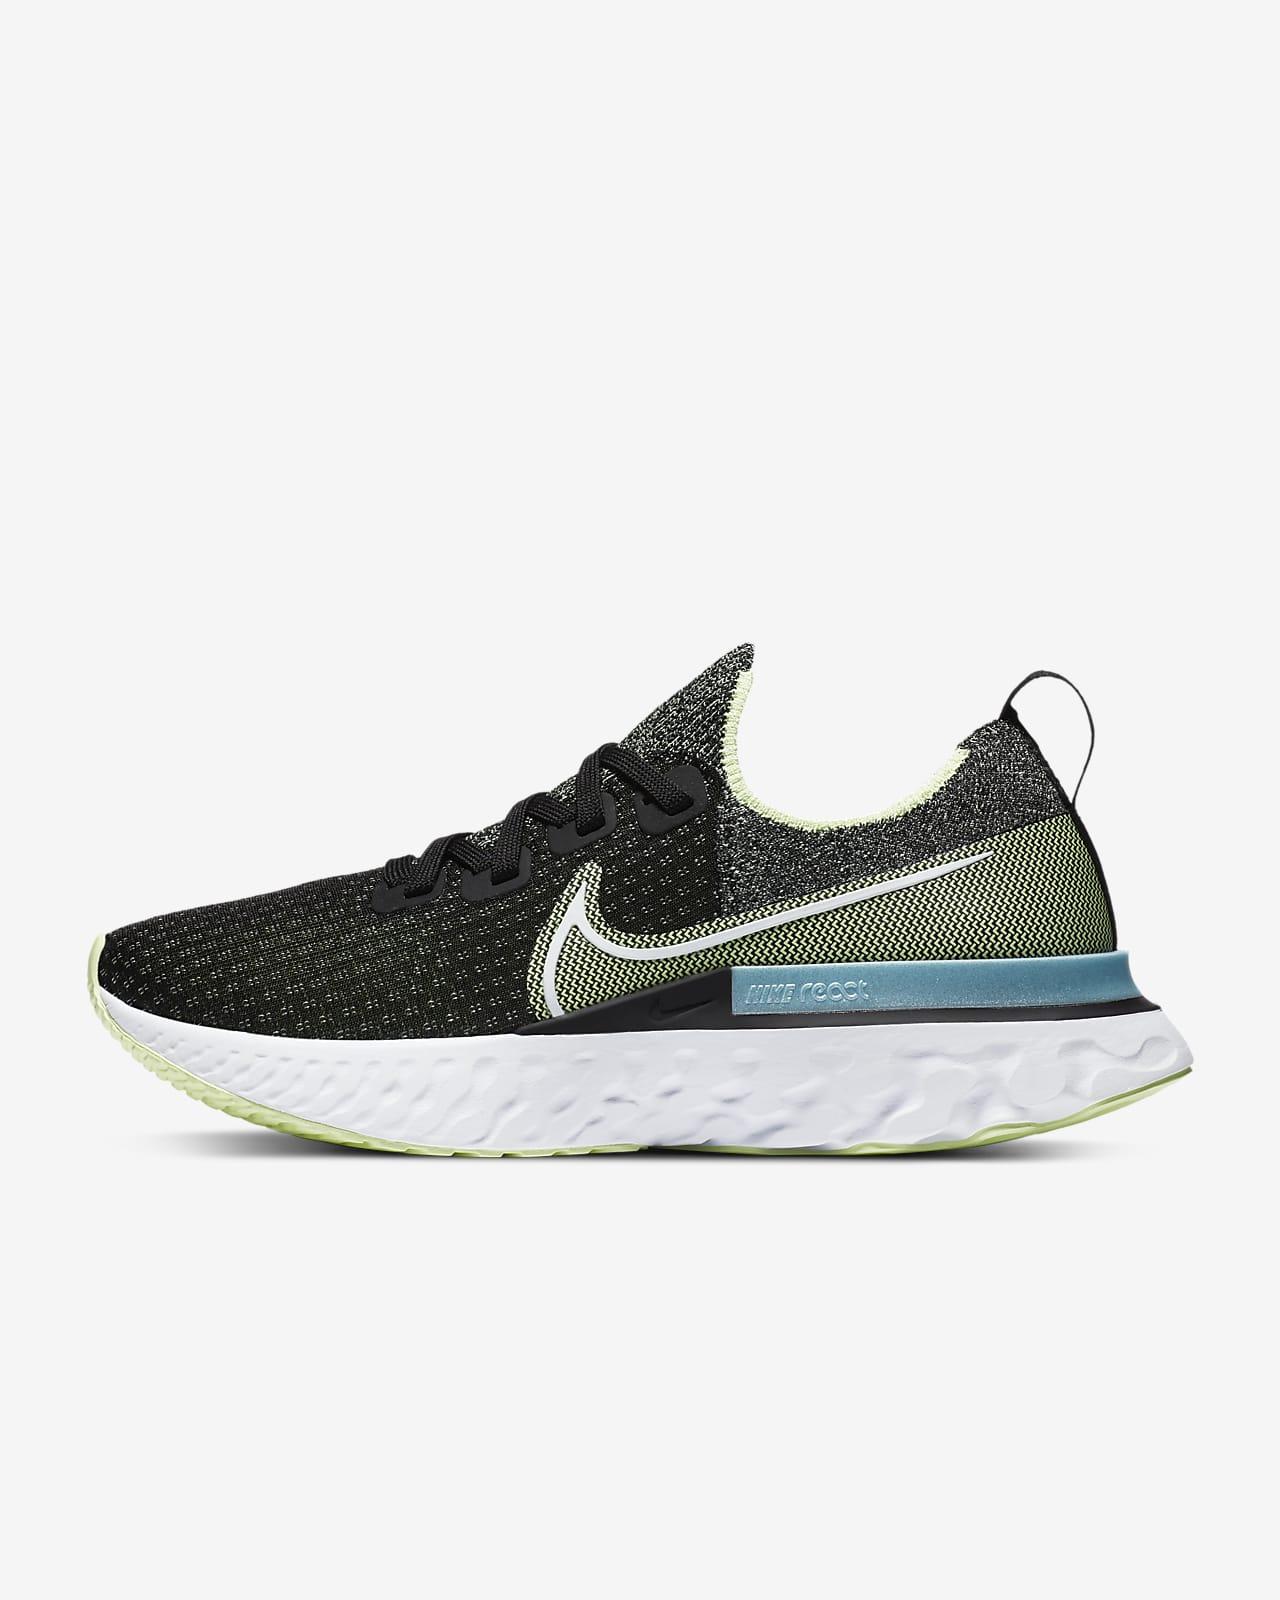 Nike React Infinity Run Flyknit Women's Running Shoe